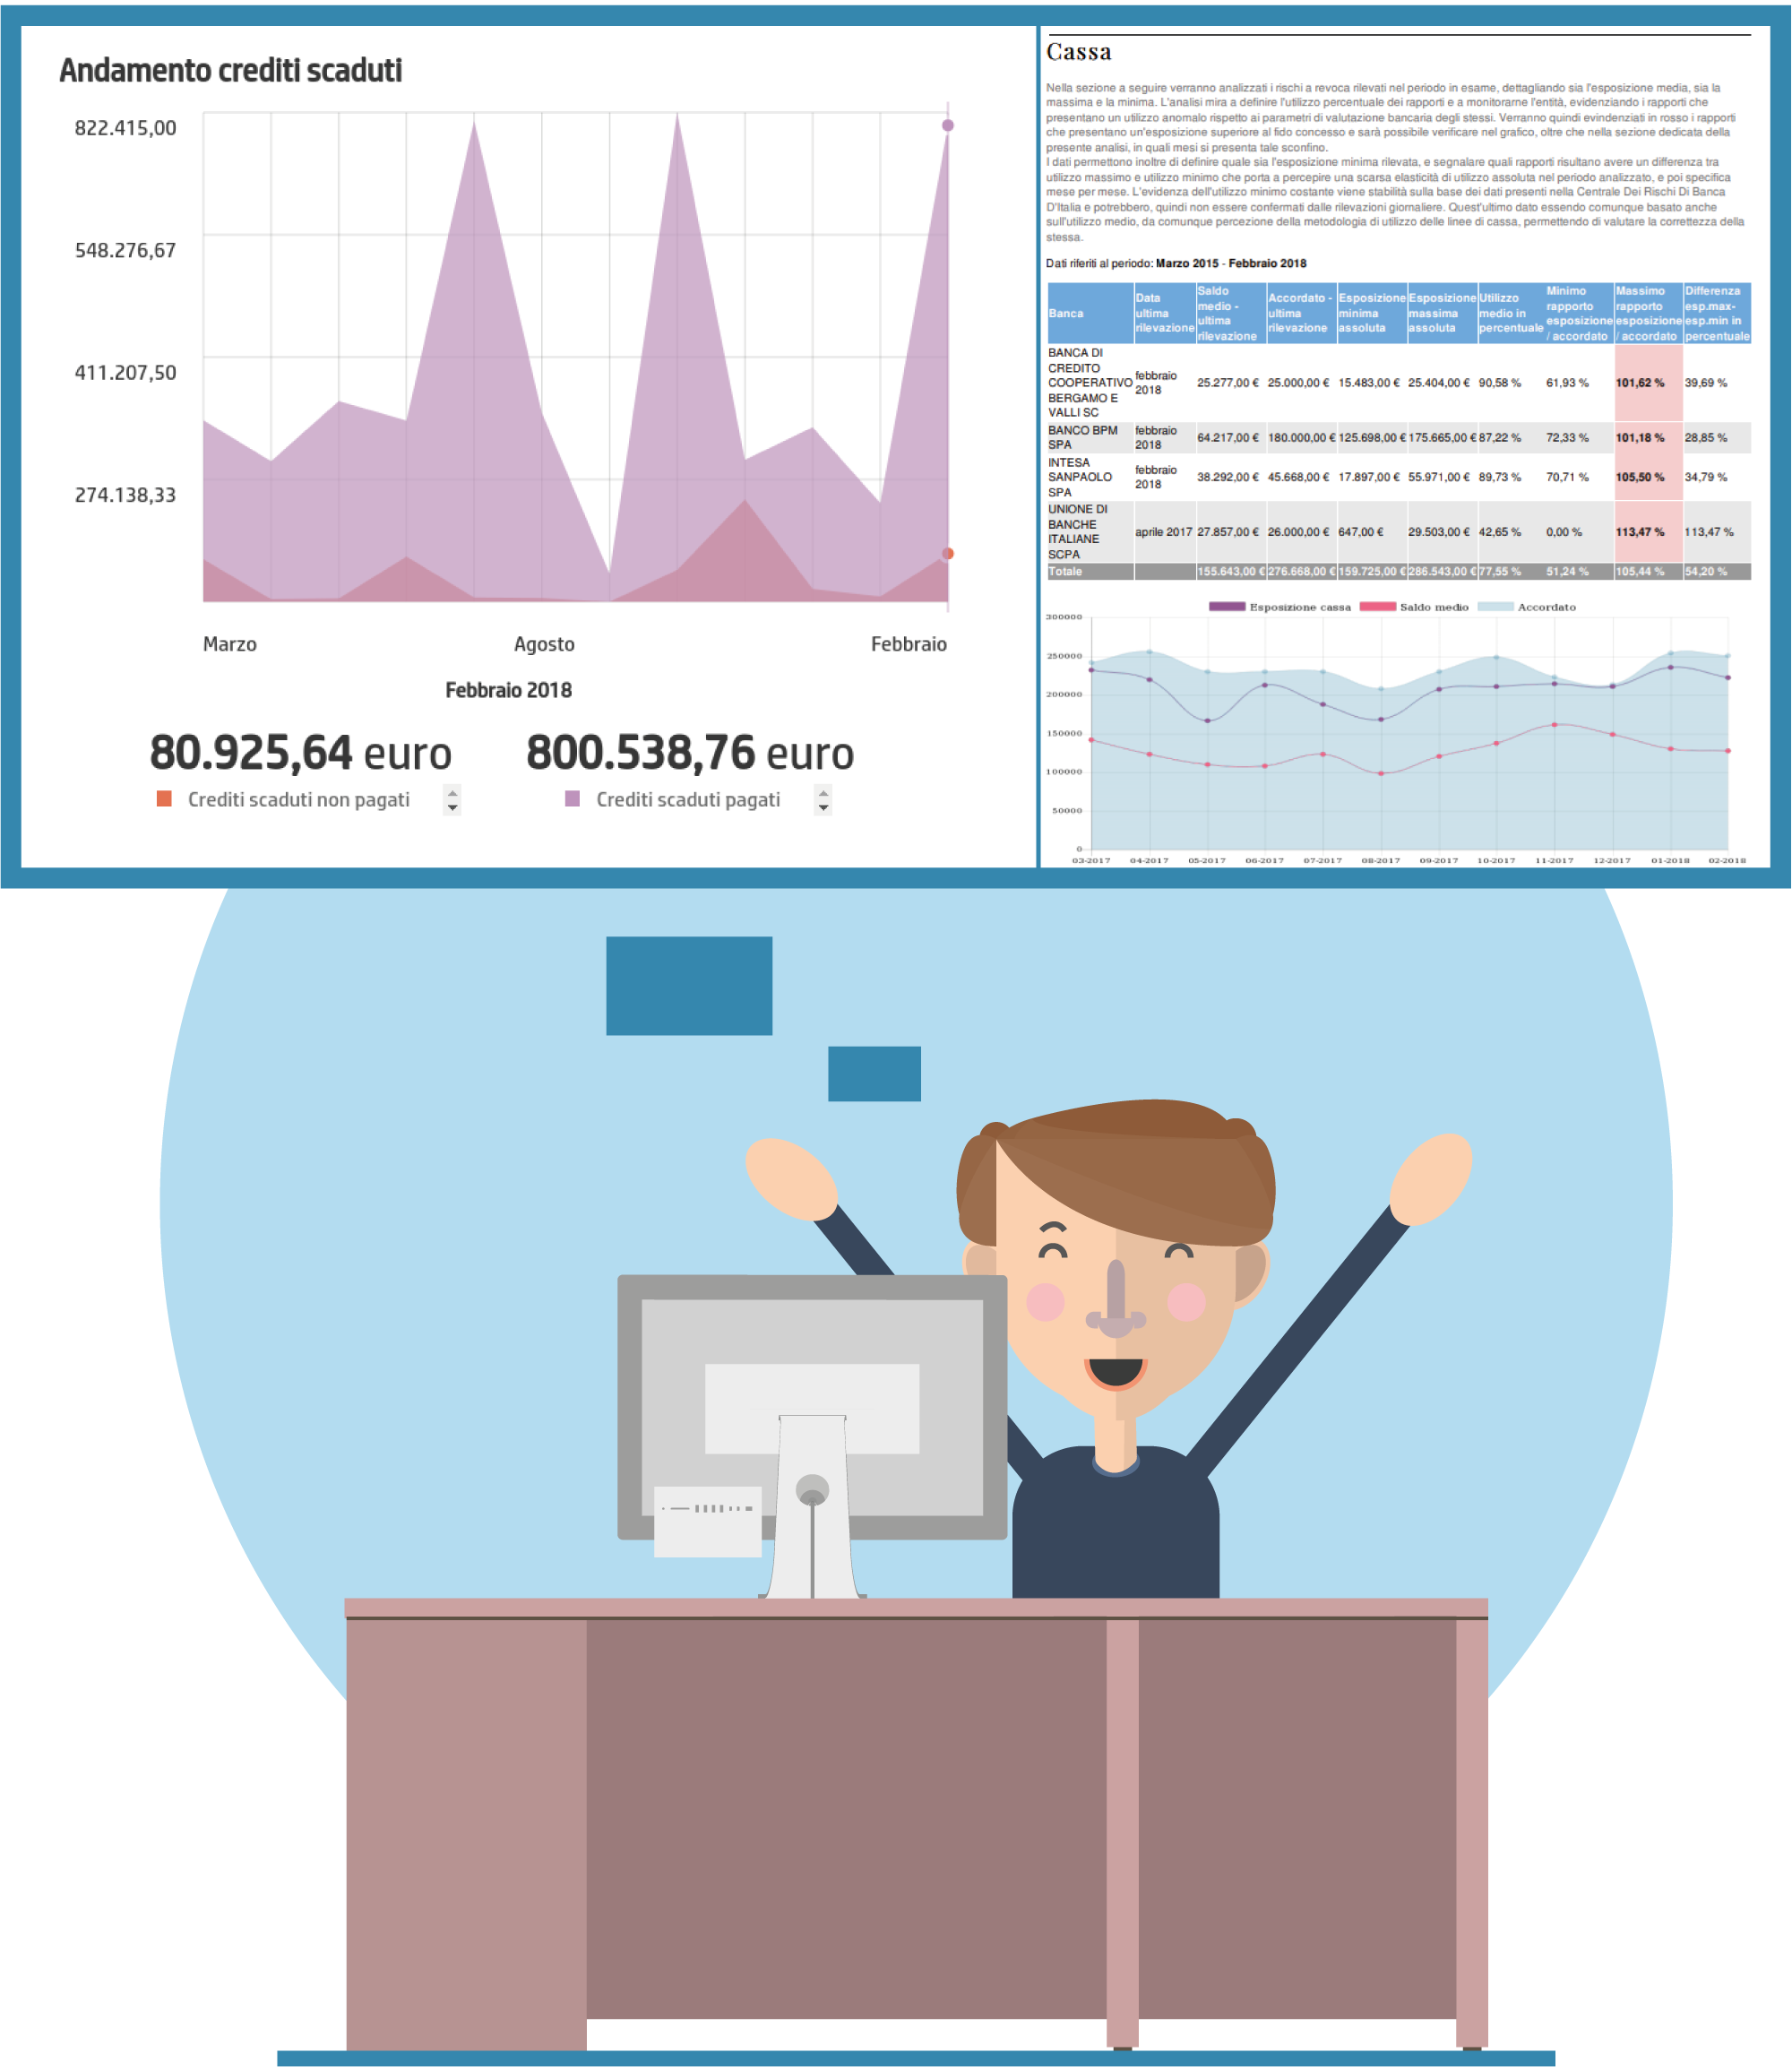 ctrl risk analisi mcc download report